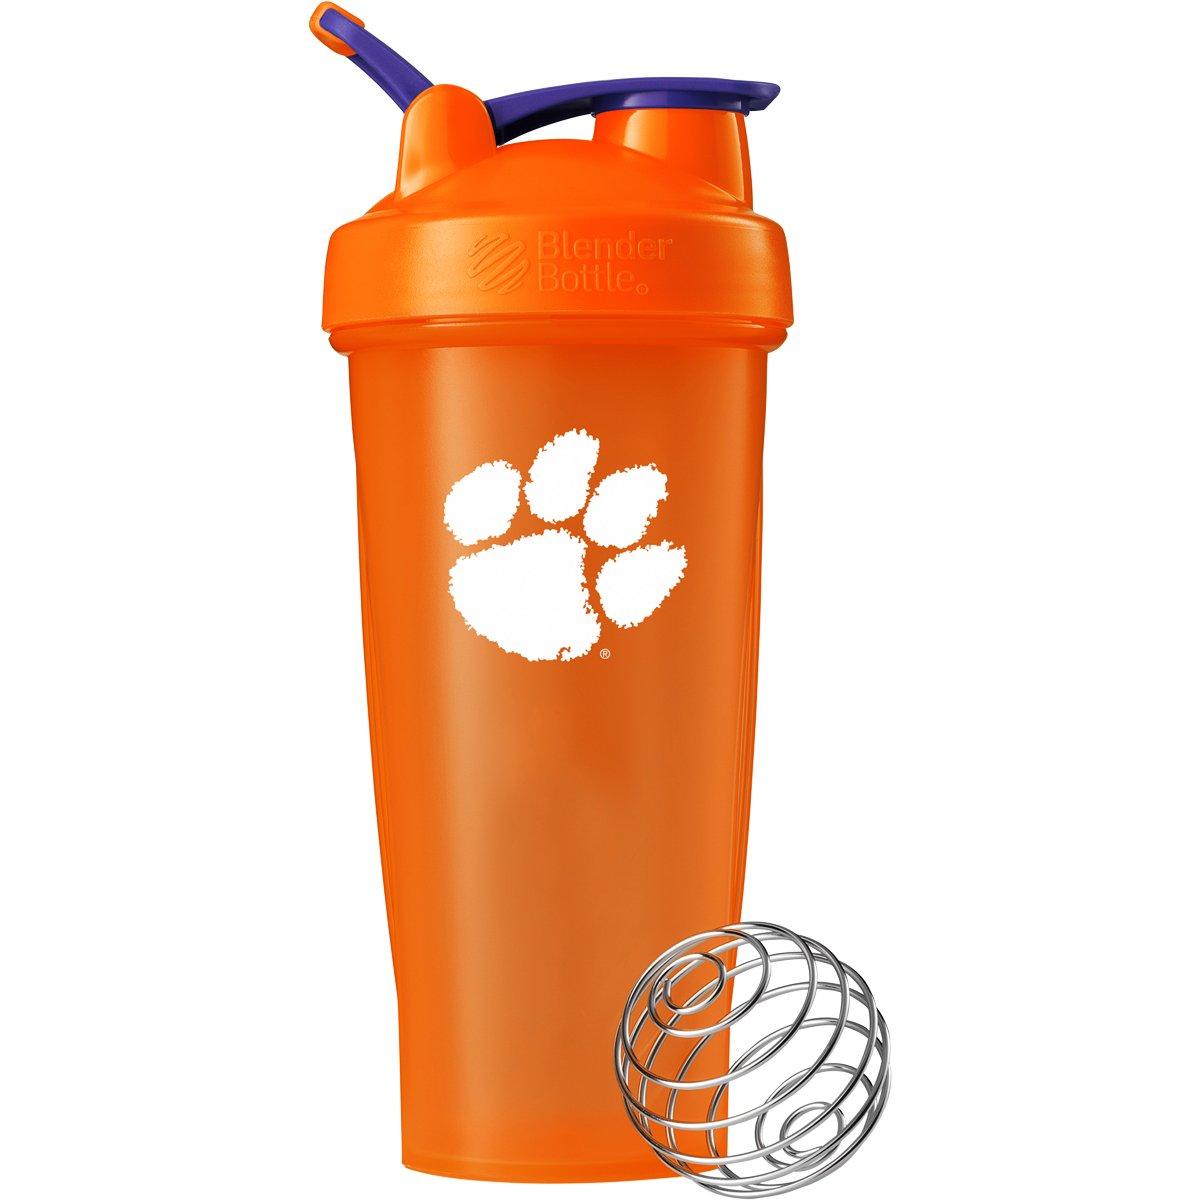 BlenderBottle Collegiate Classic 28-Ounce Shaker Bottle, Clemson University Tigers - Orange/Orange